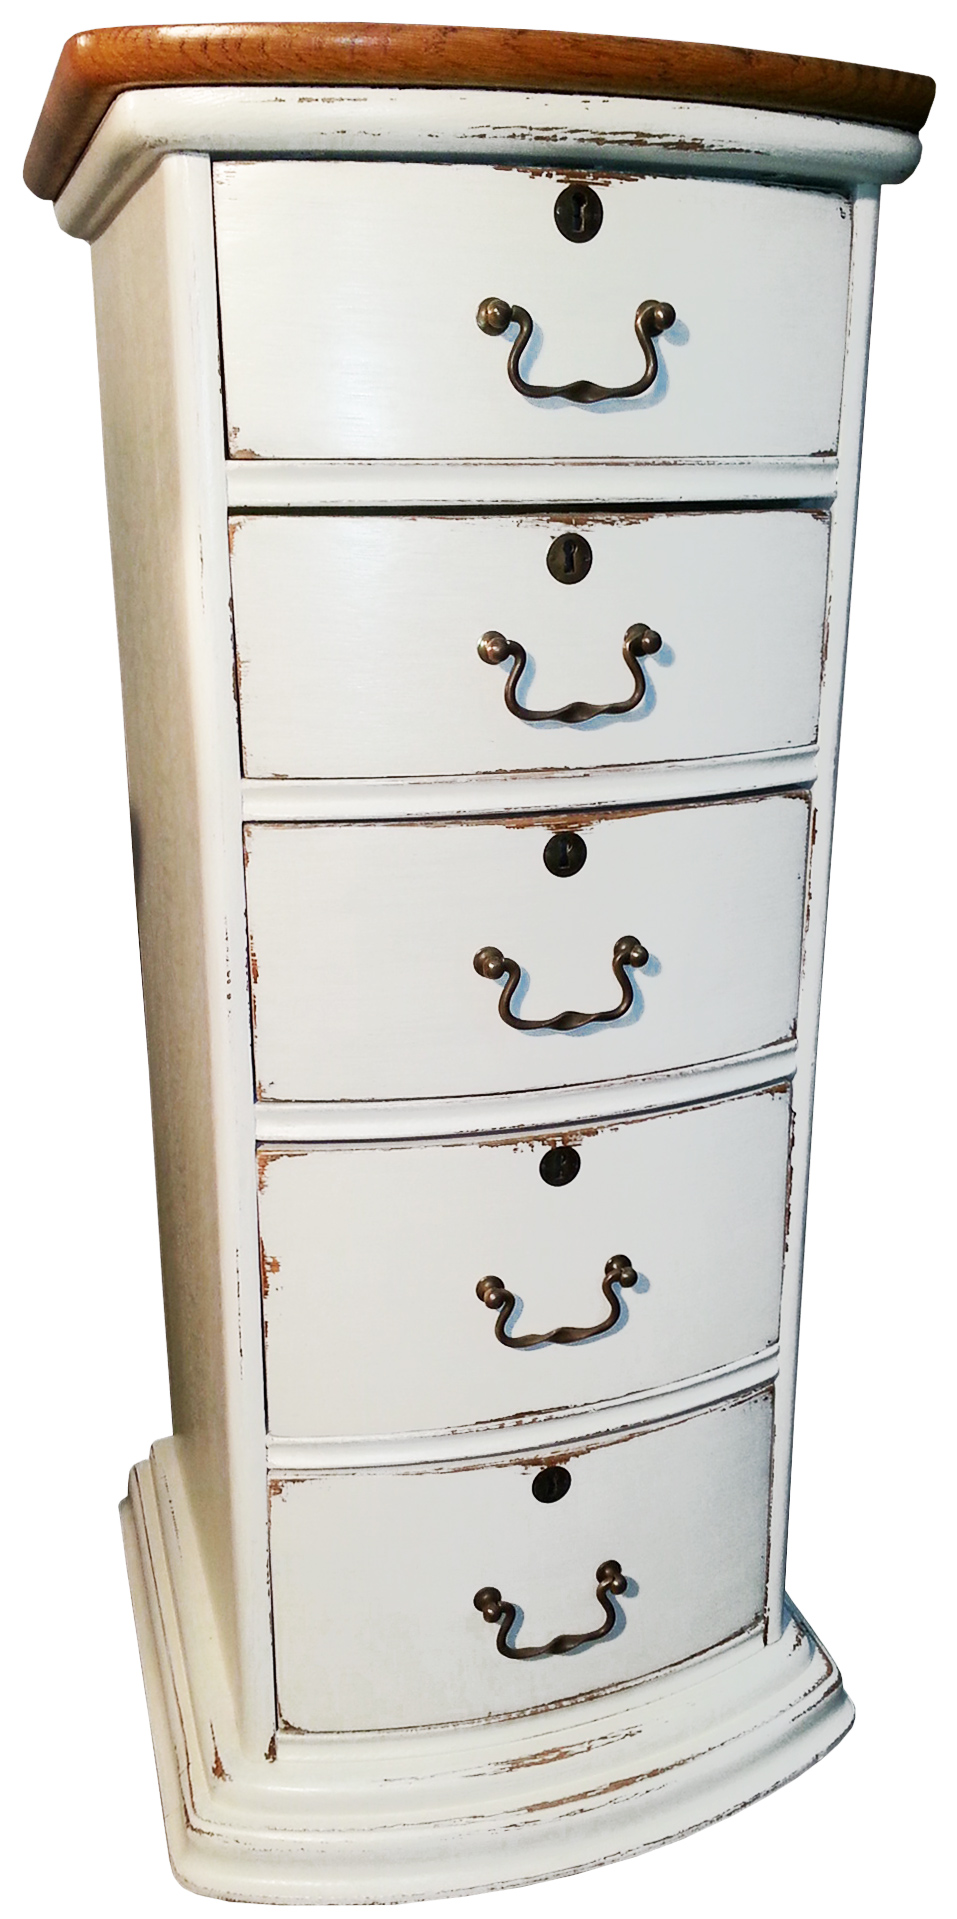 le style shabby chic et la peinture de babeurre un match. Black Bedroom Furniture Sets. Home Design Ideas